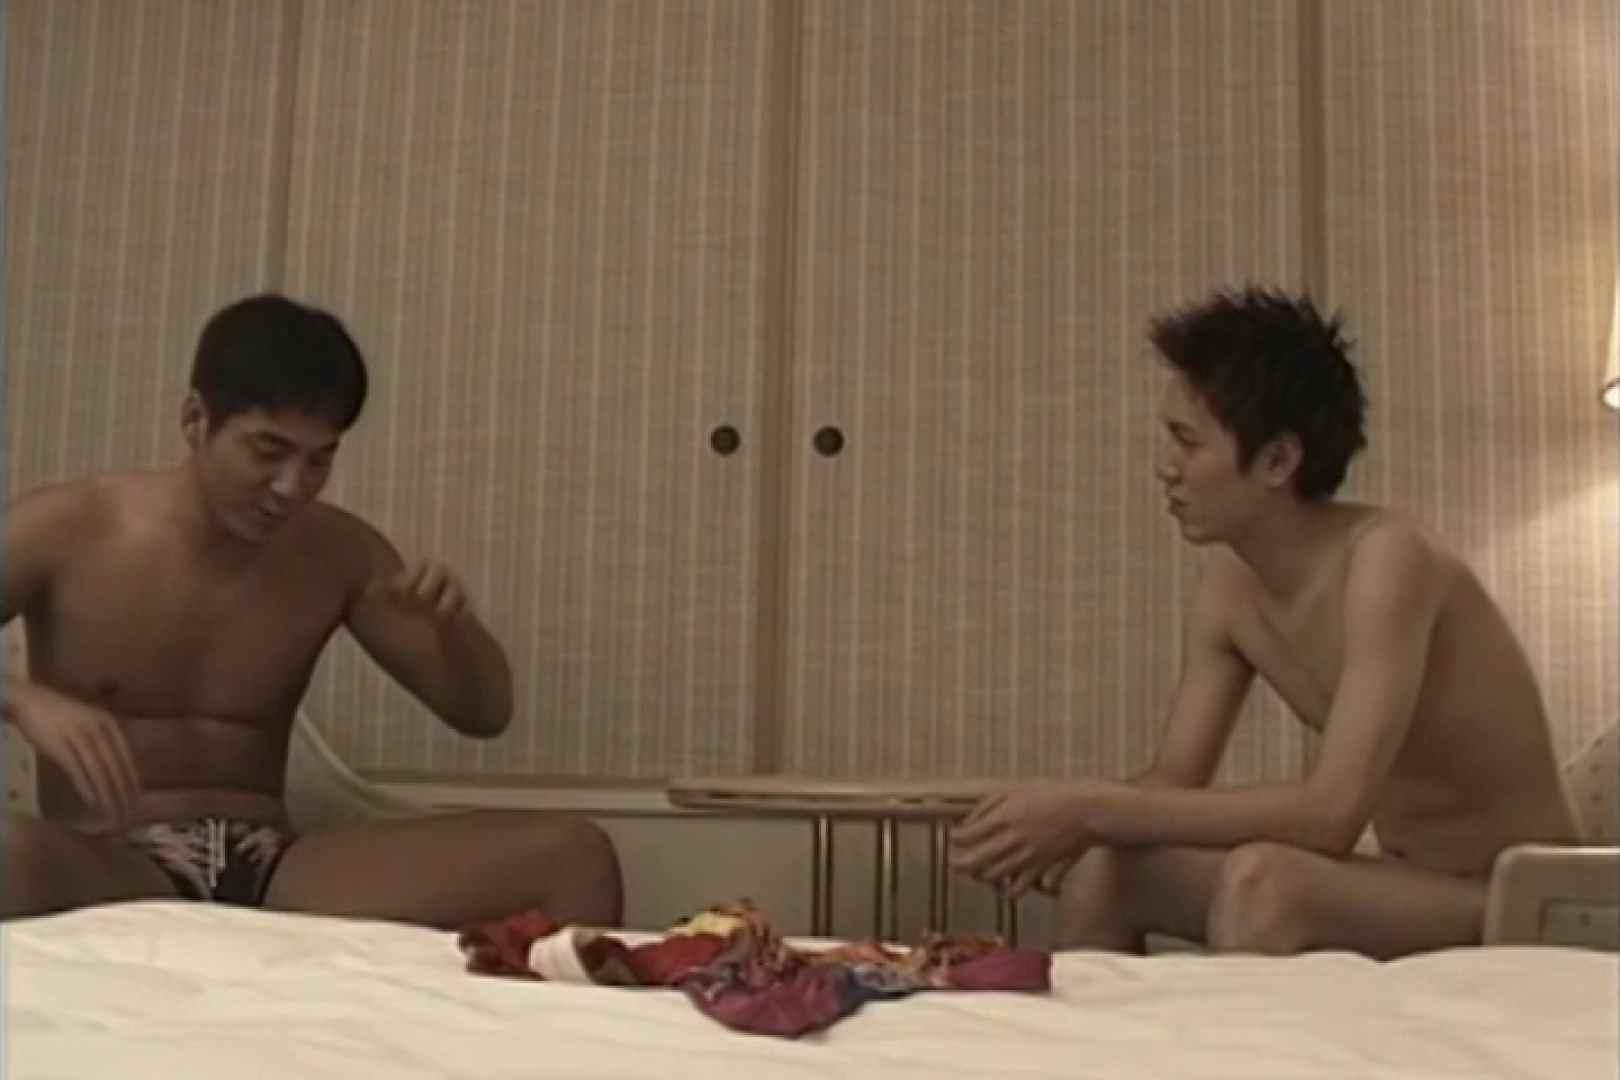 スポメン競パン部、真っ盛り!!Vol.02 アナル天国 | 男同士のプレイ  11枚 2